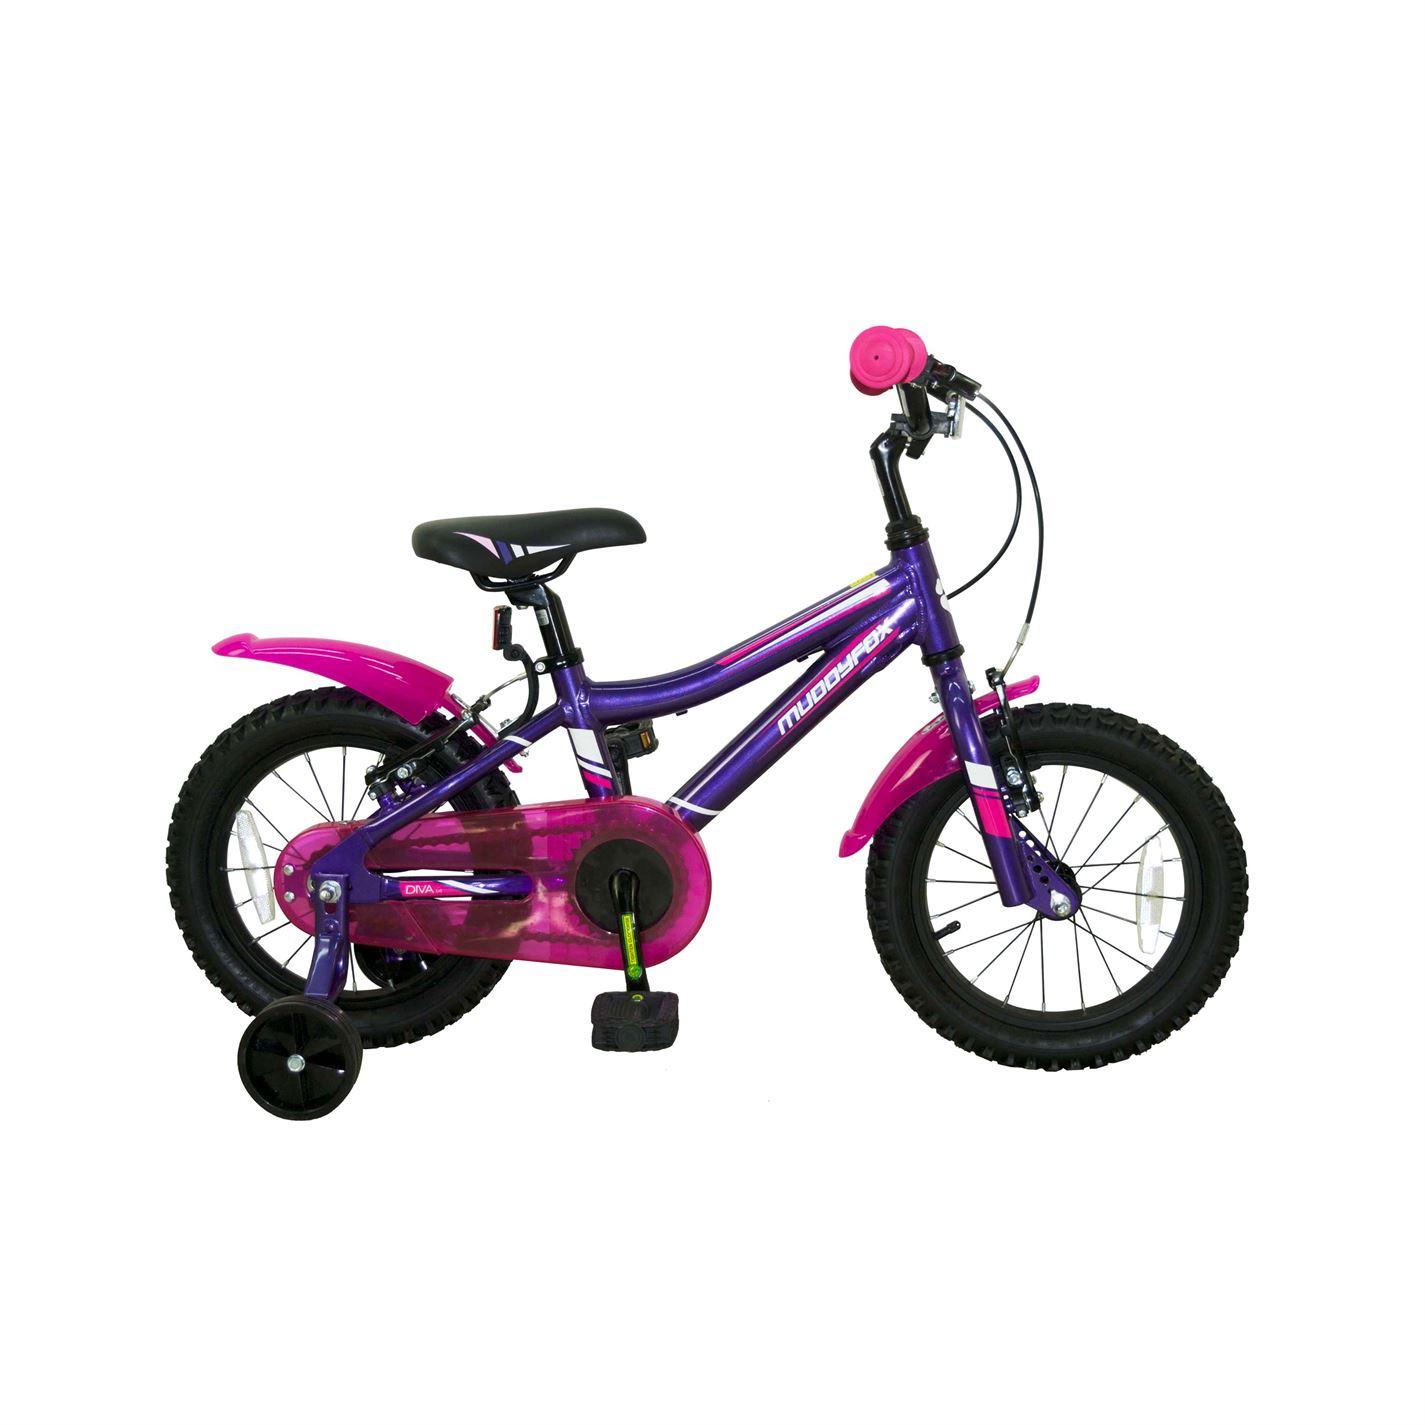 Muddyfox Diva 14 Inch Bike Girls